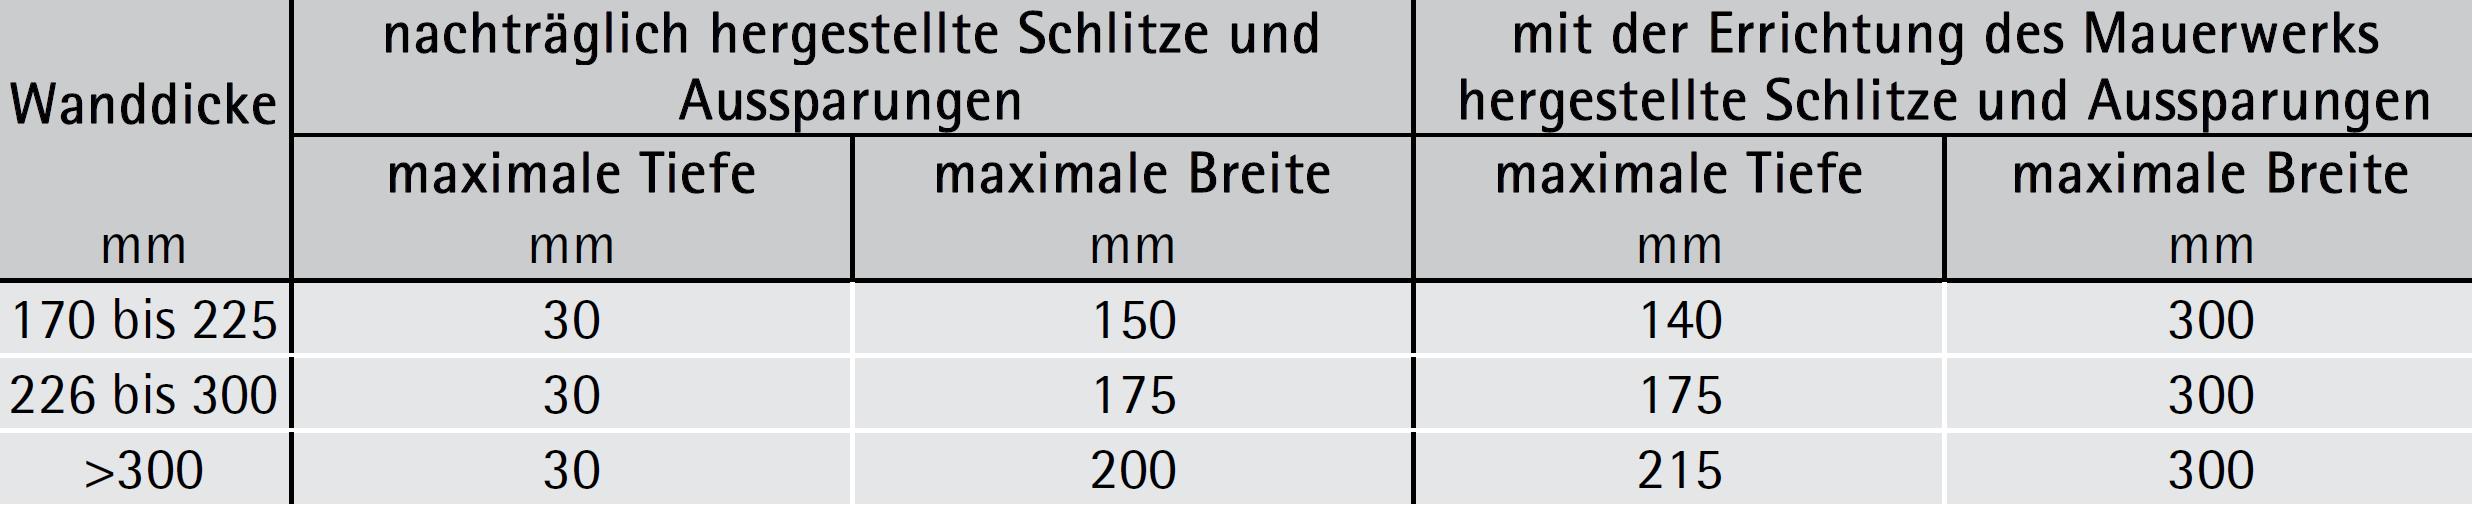 Ohne Nachweis zulässige Größe vertikaler Schlitze und Aussparungen im Mauerwerk – ÖNORM EN 1996-1-1